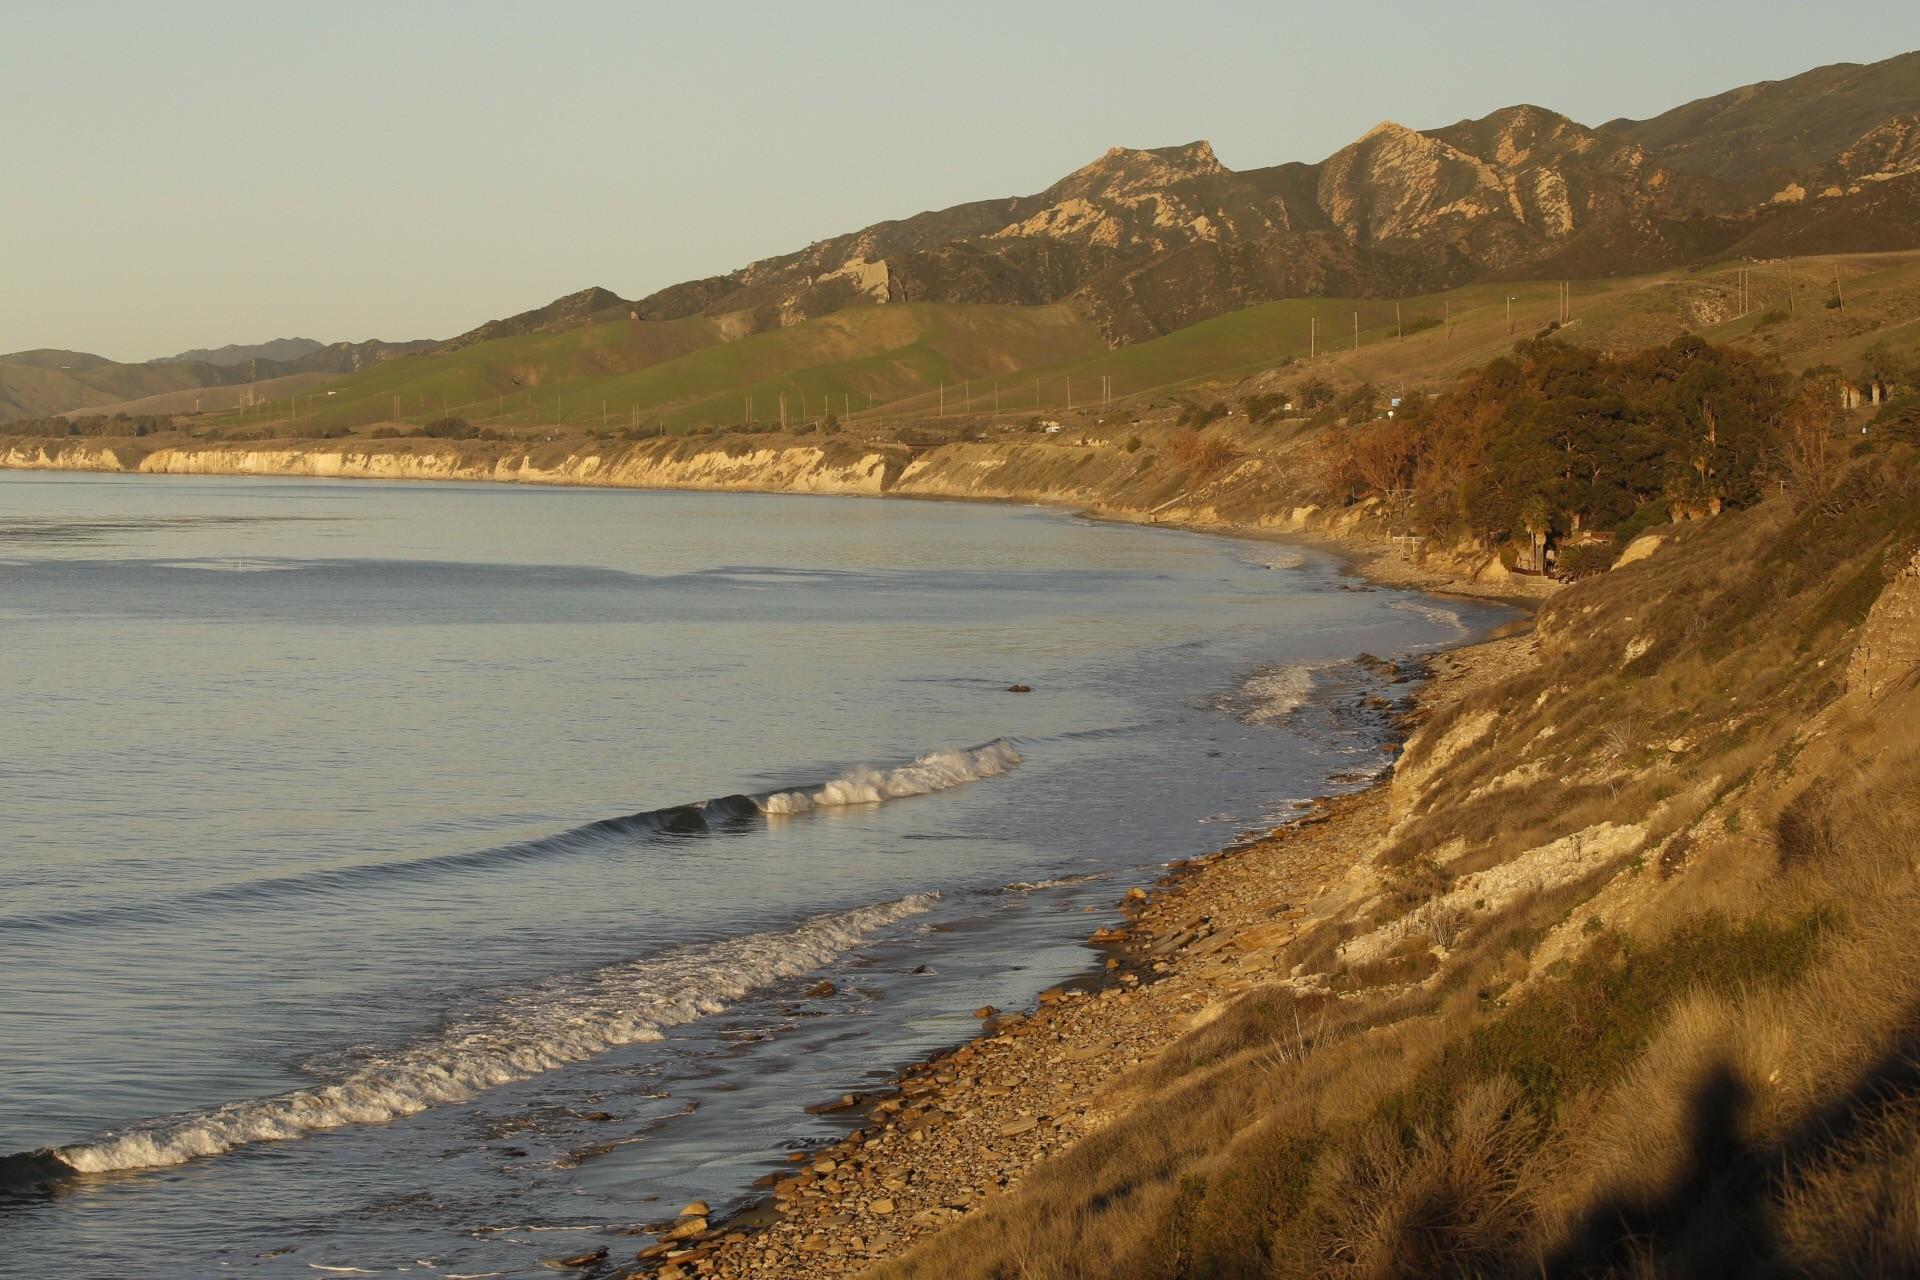 Sunrise on the Gaviota Coast north of Santa Barbara on Feb. 10, 2016.